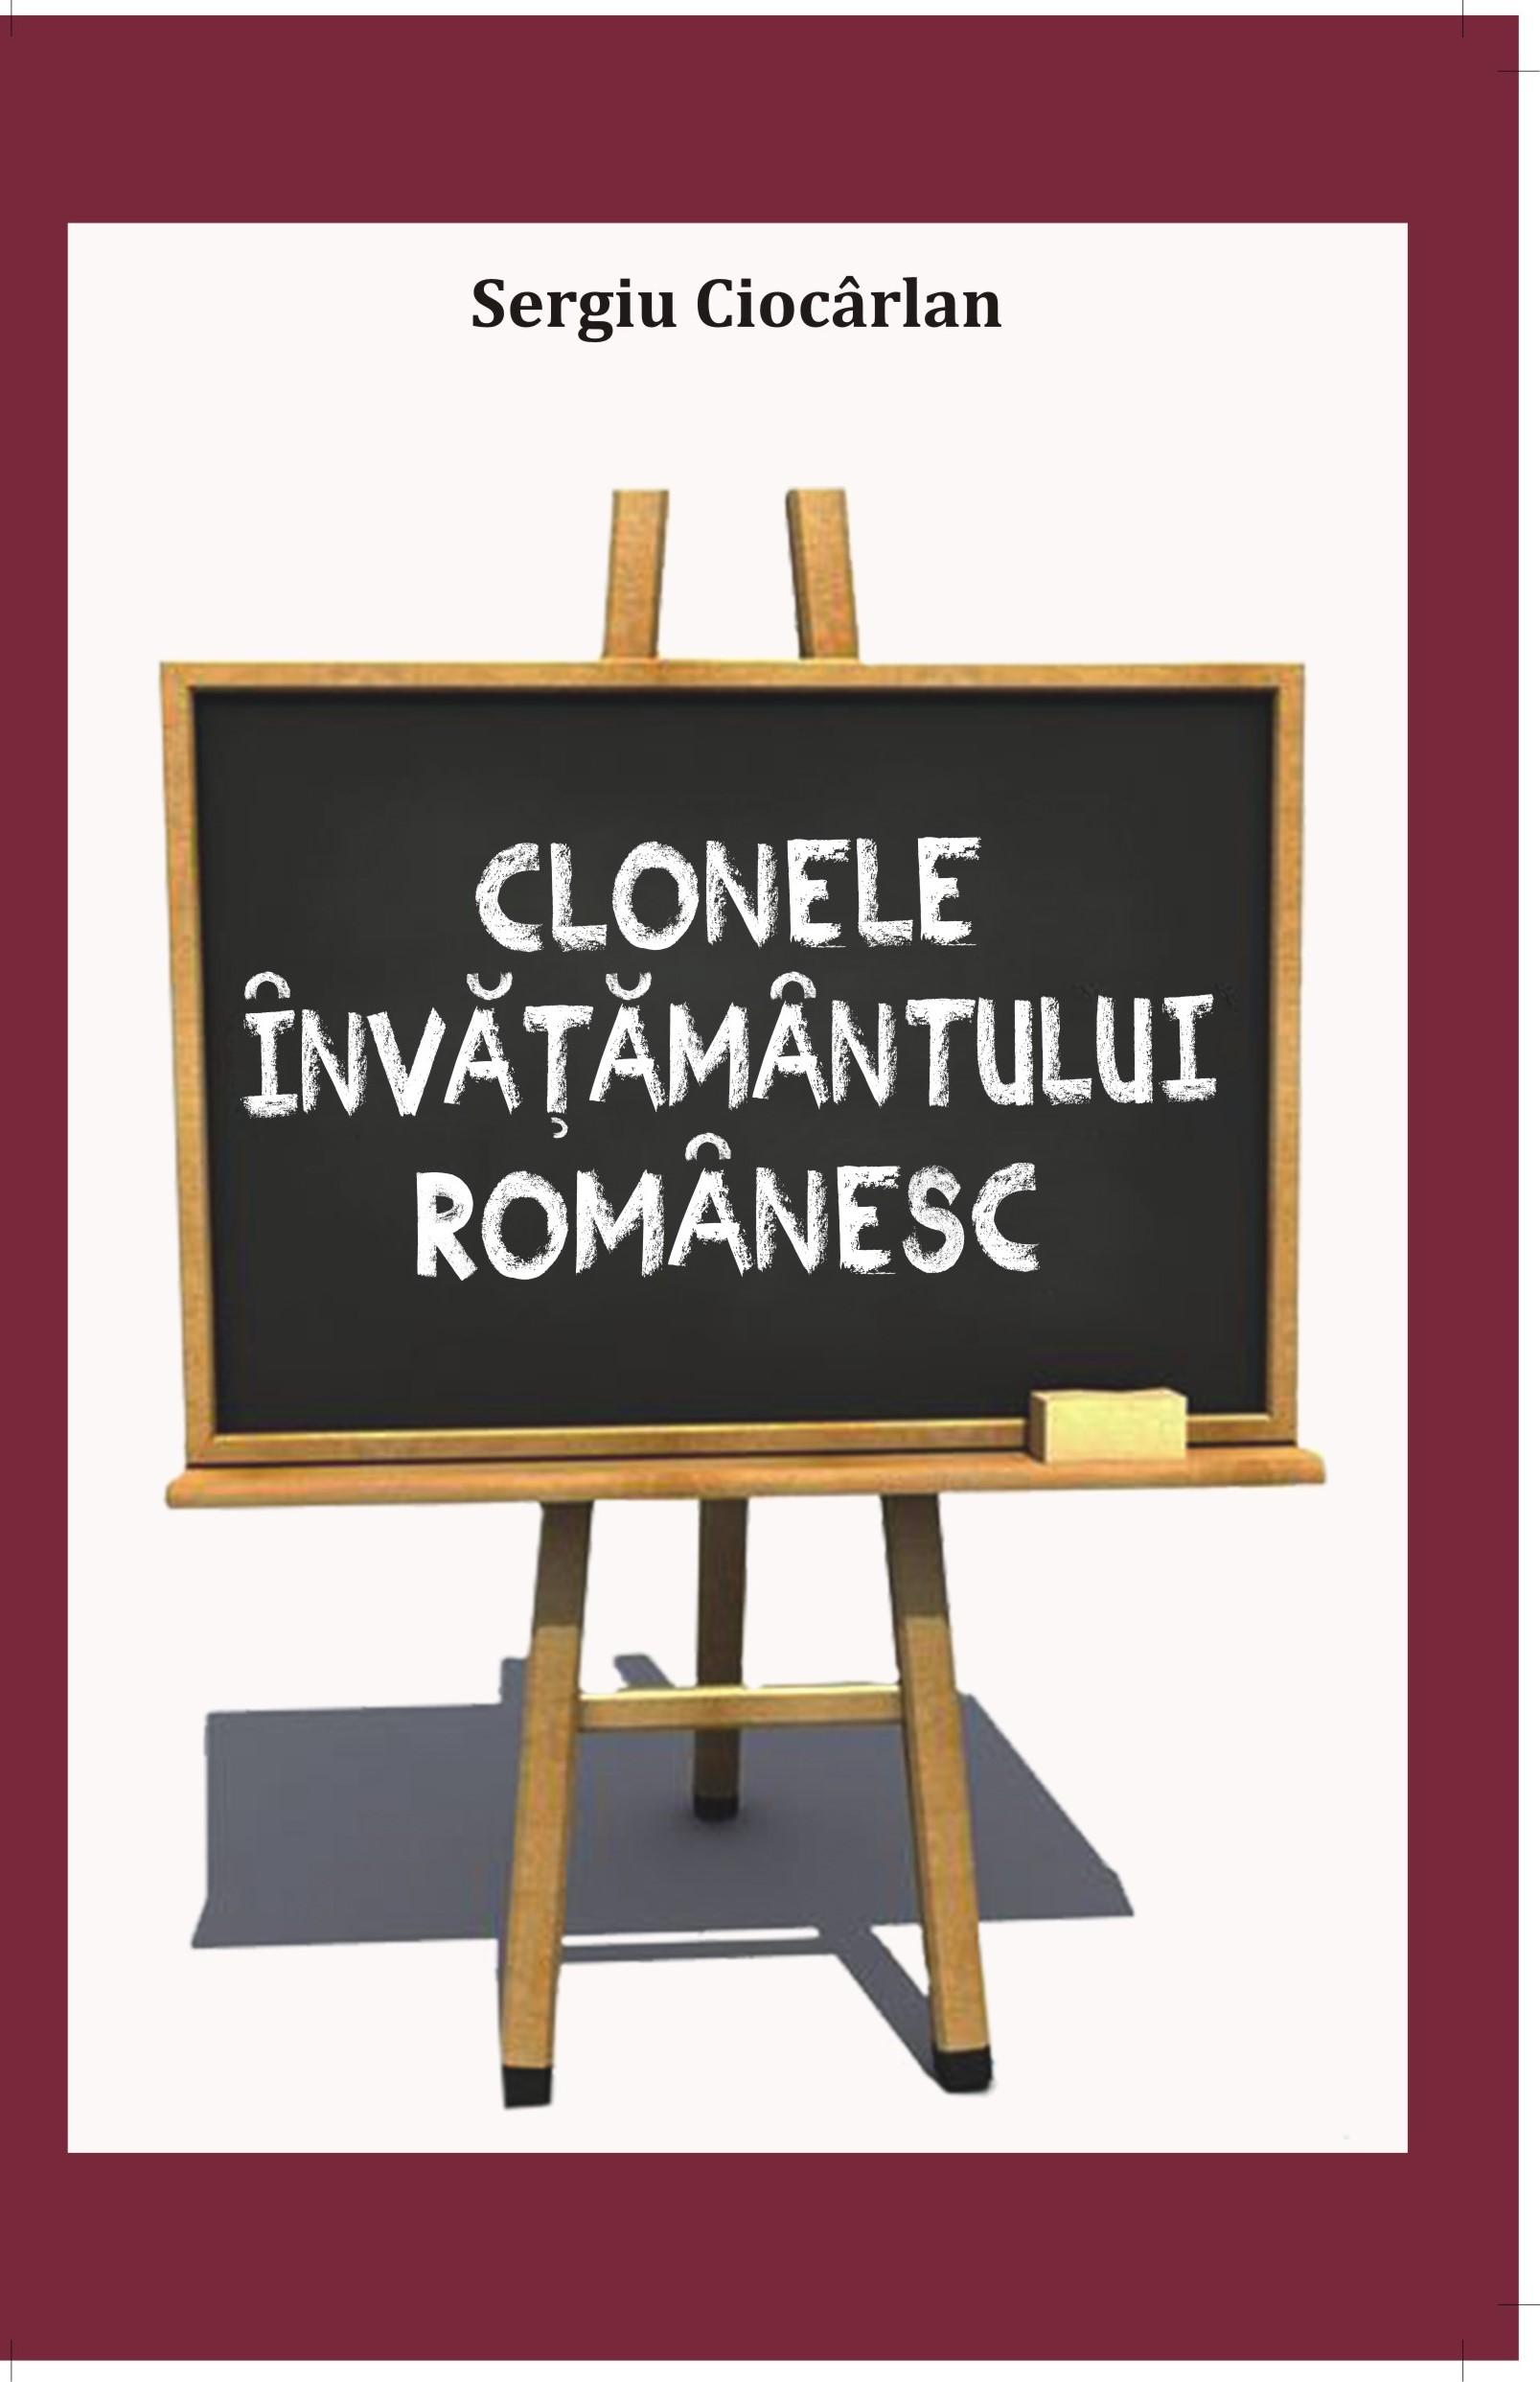 Clonele învăţământului românesc – un experiment al urii faţă de valori